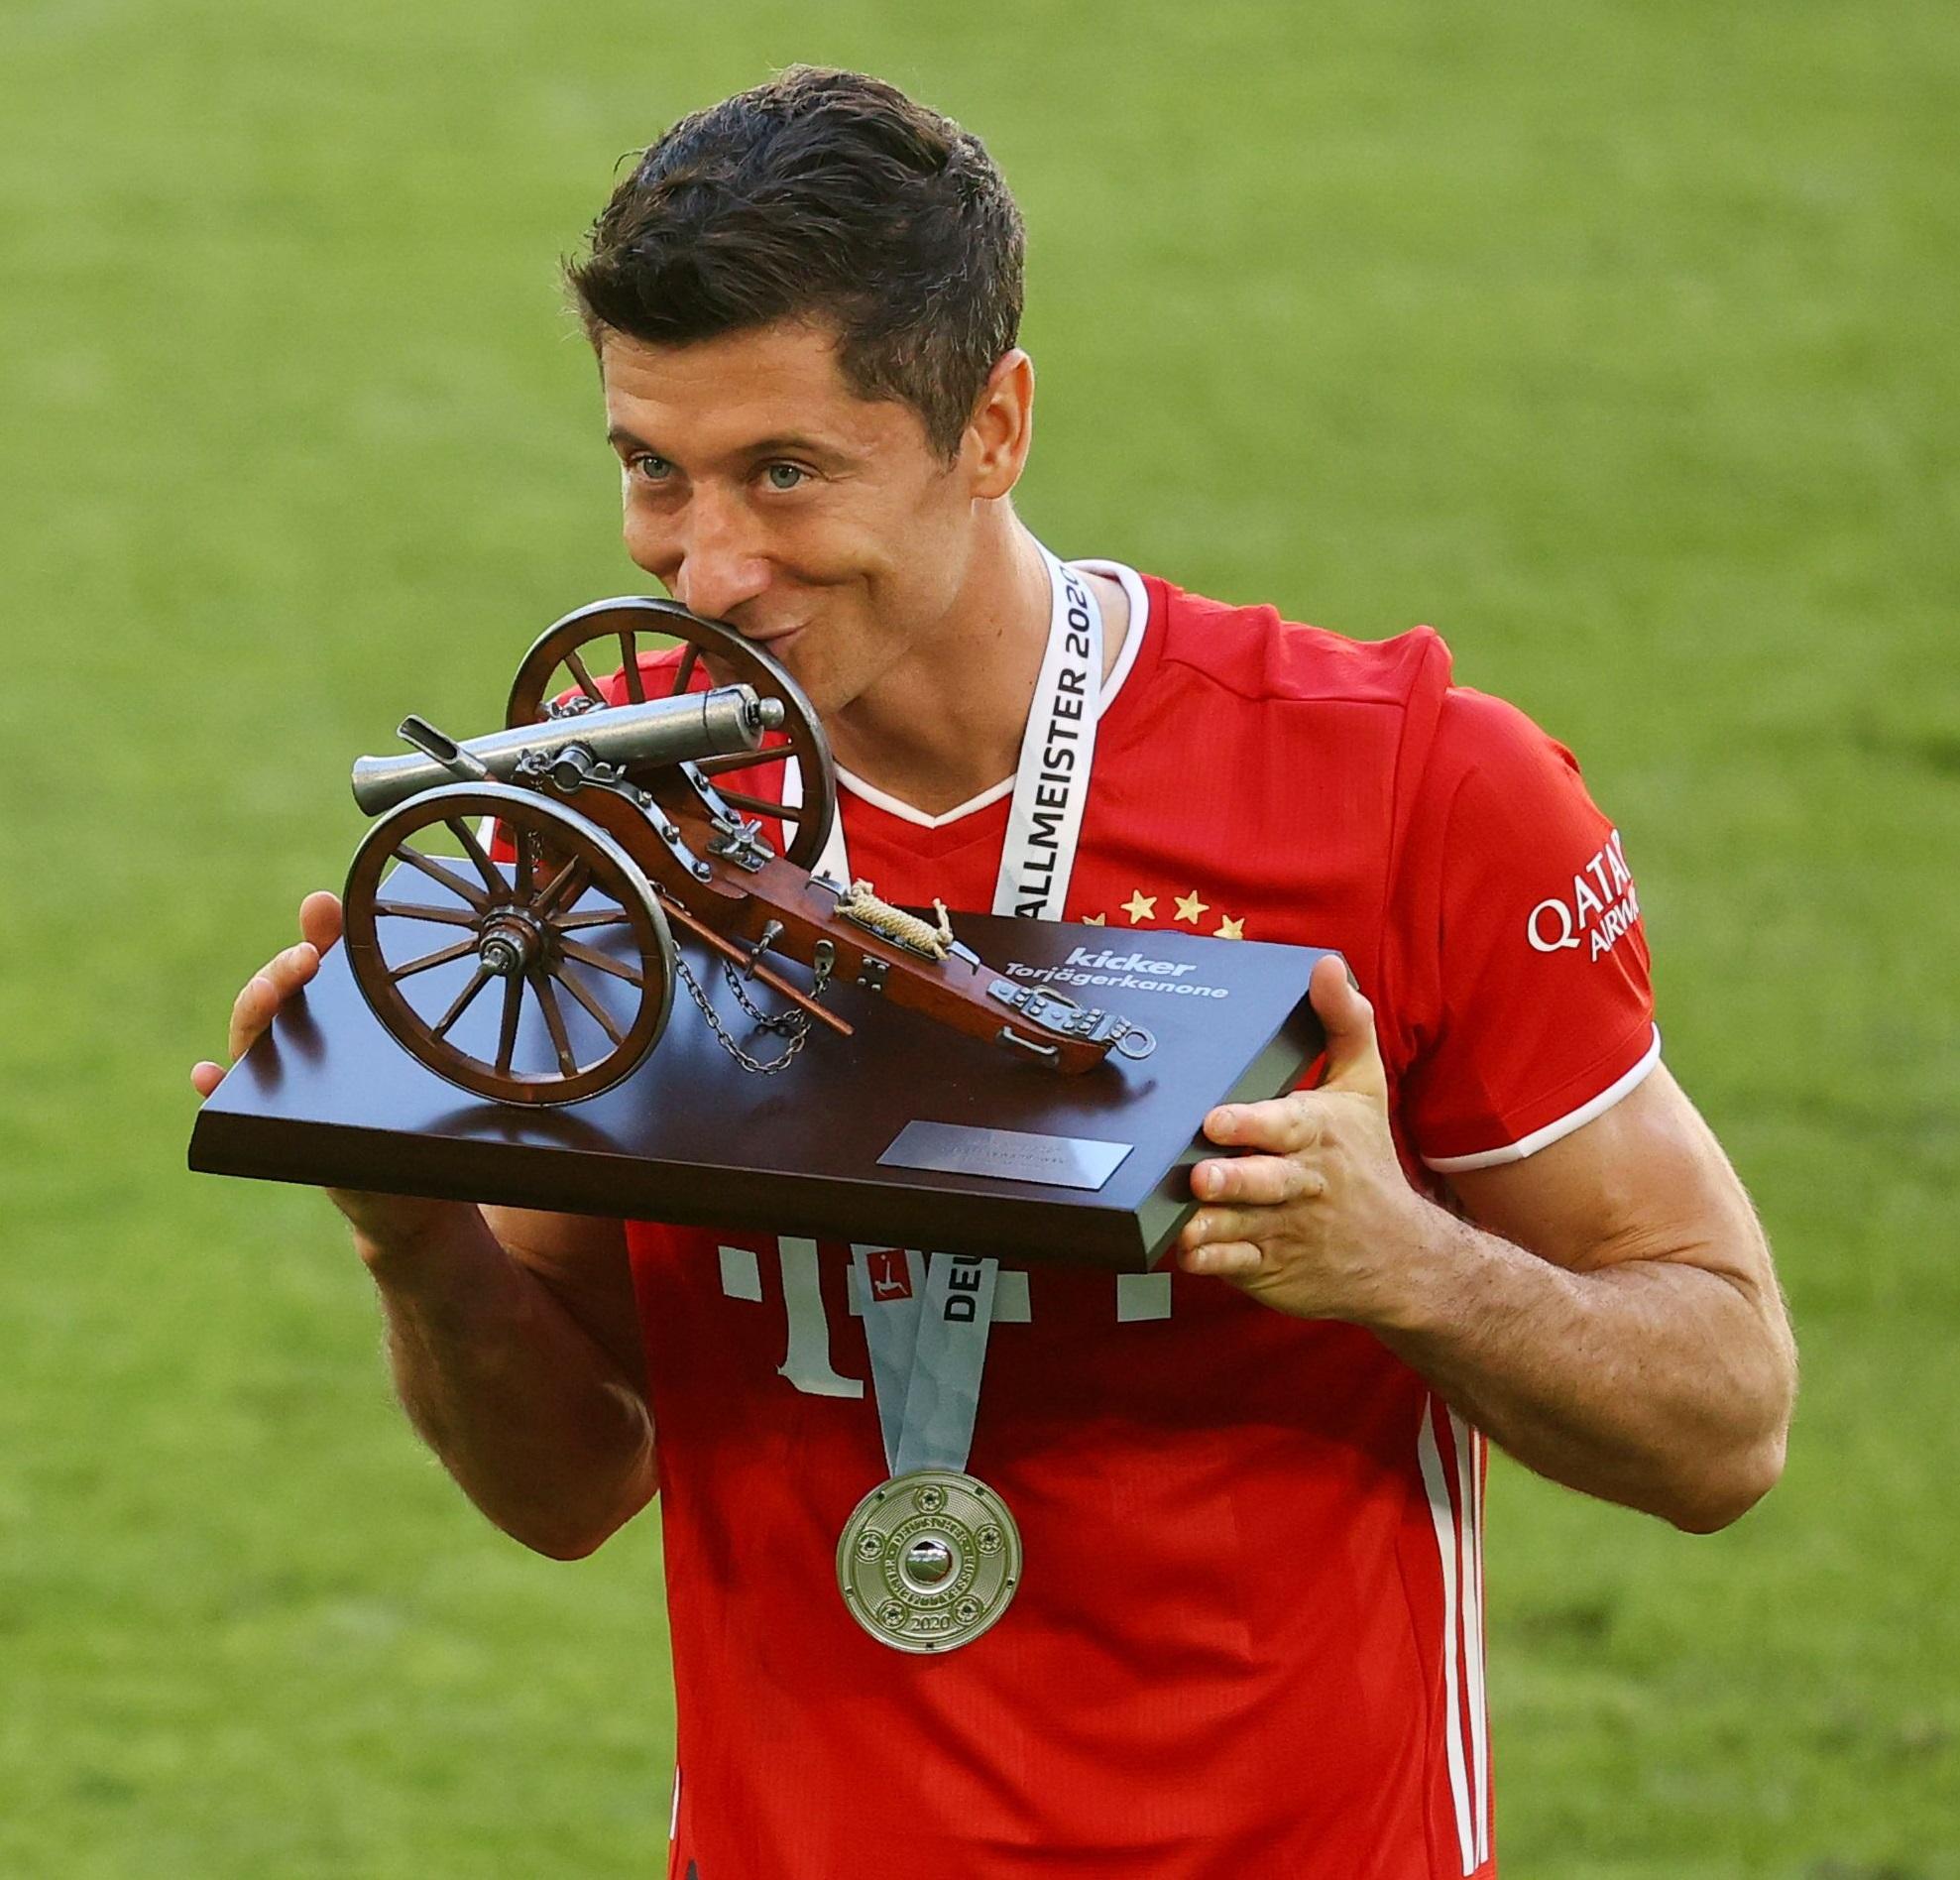 德转评新世纪球员免签榜:拜仁签莱万居首,博格巴伊布在列